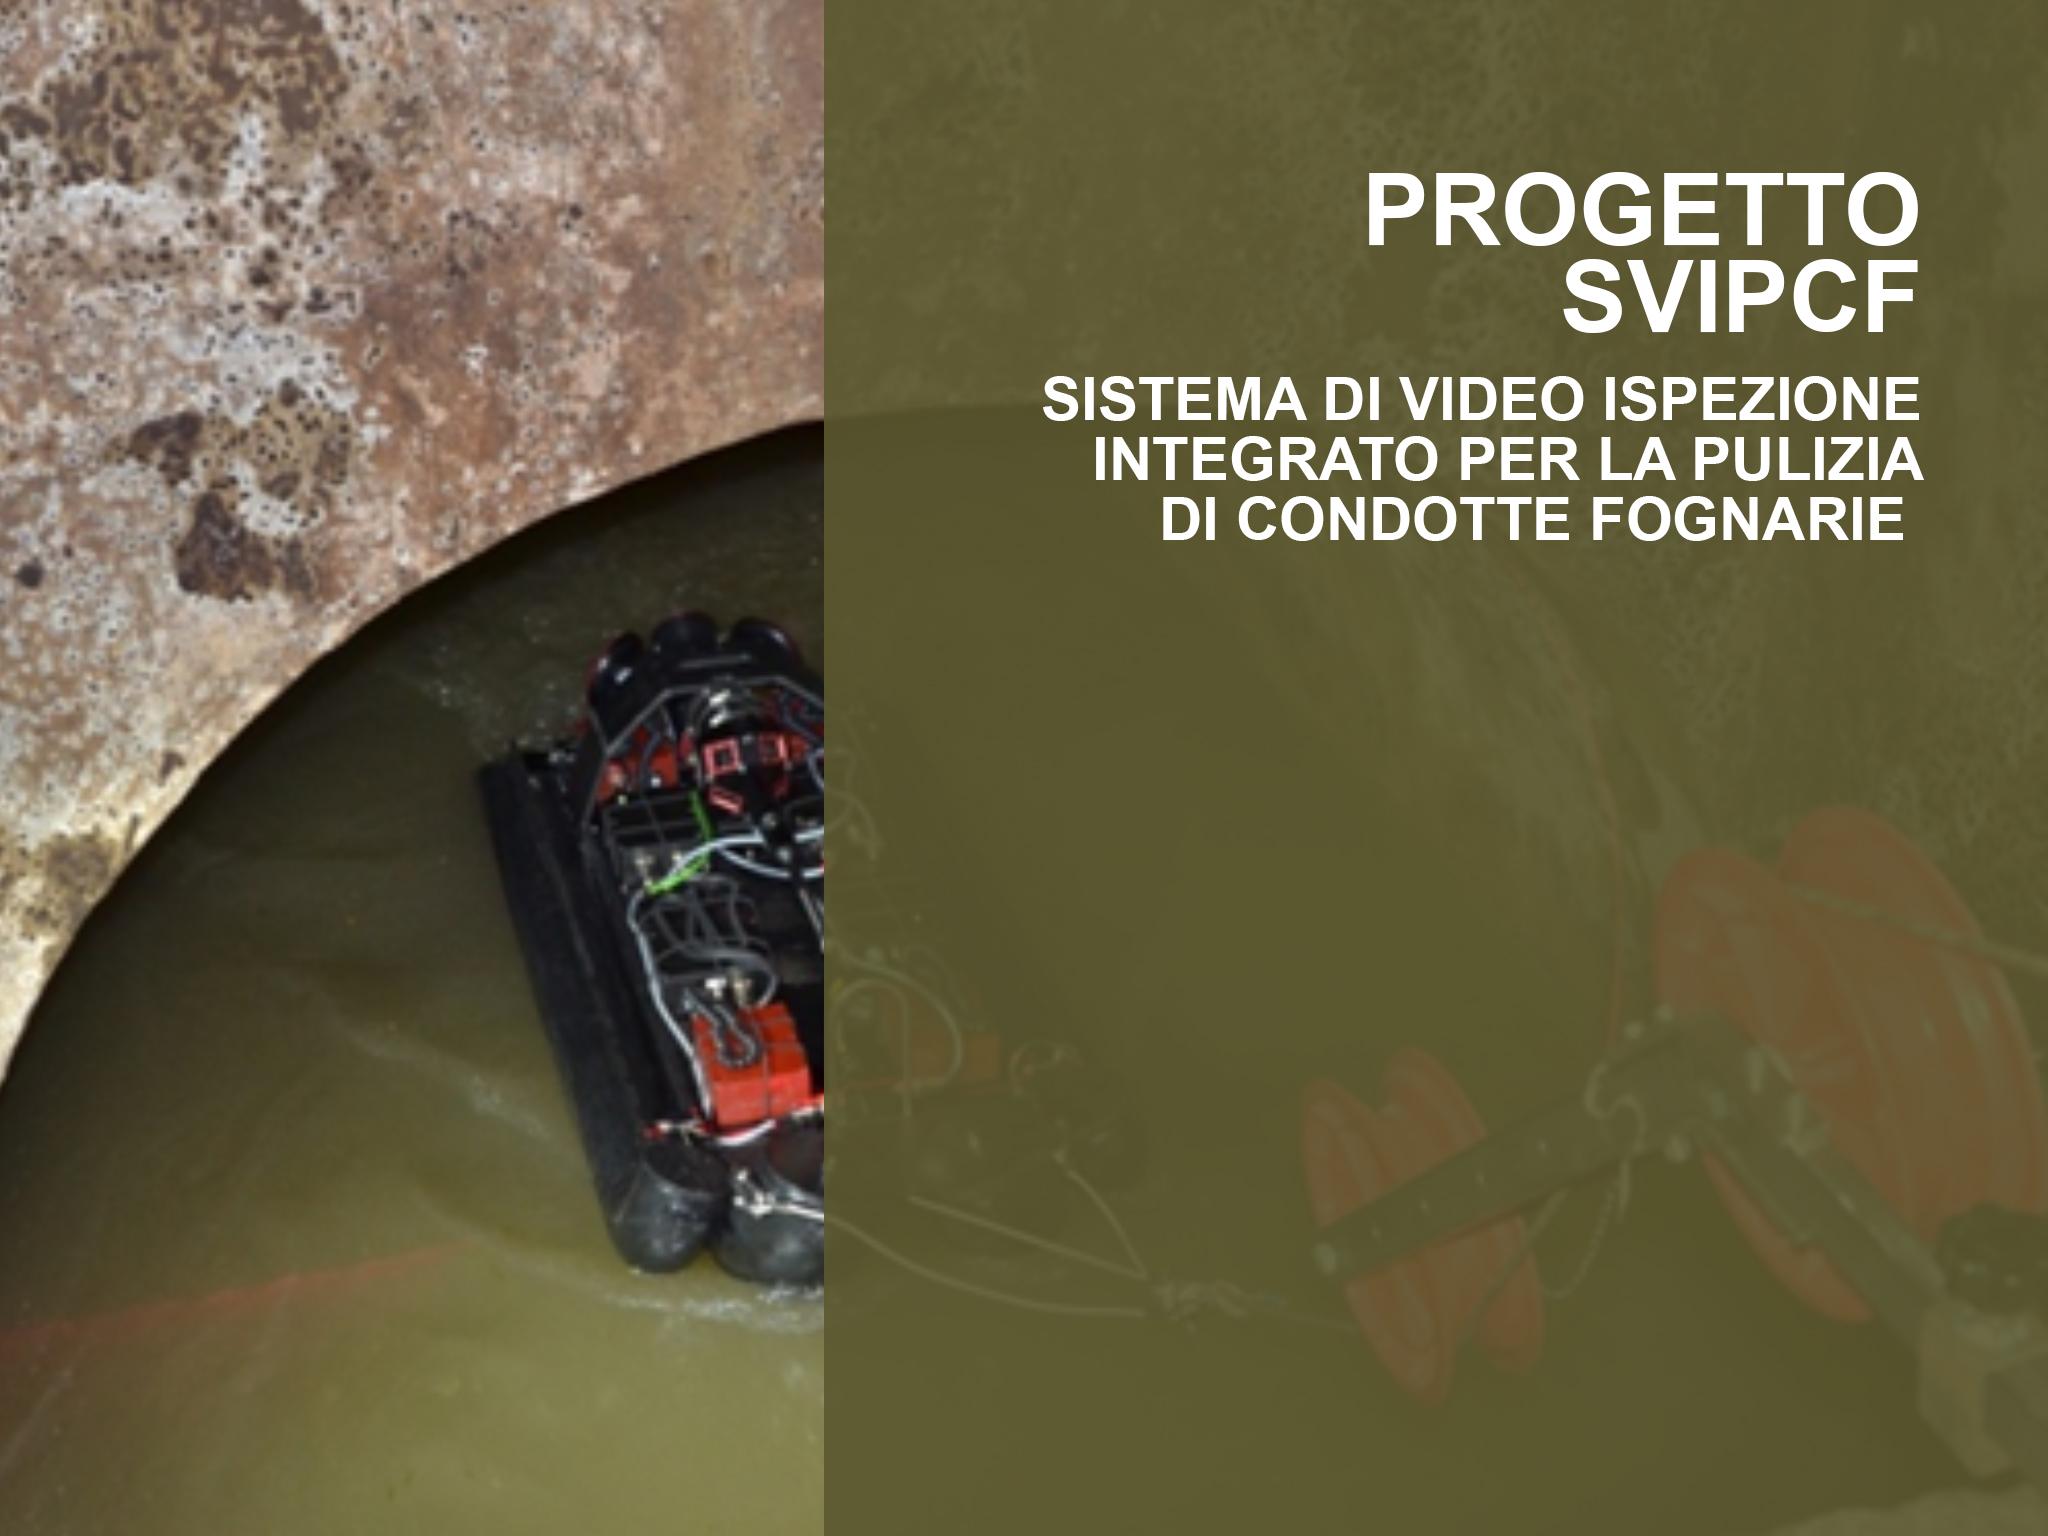 copertina progetto svipcf